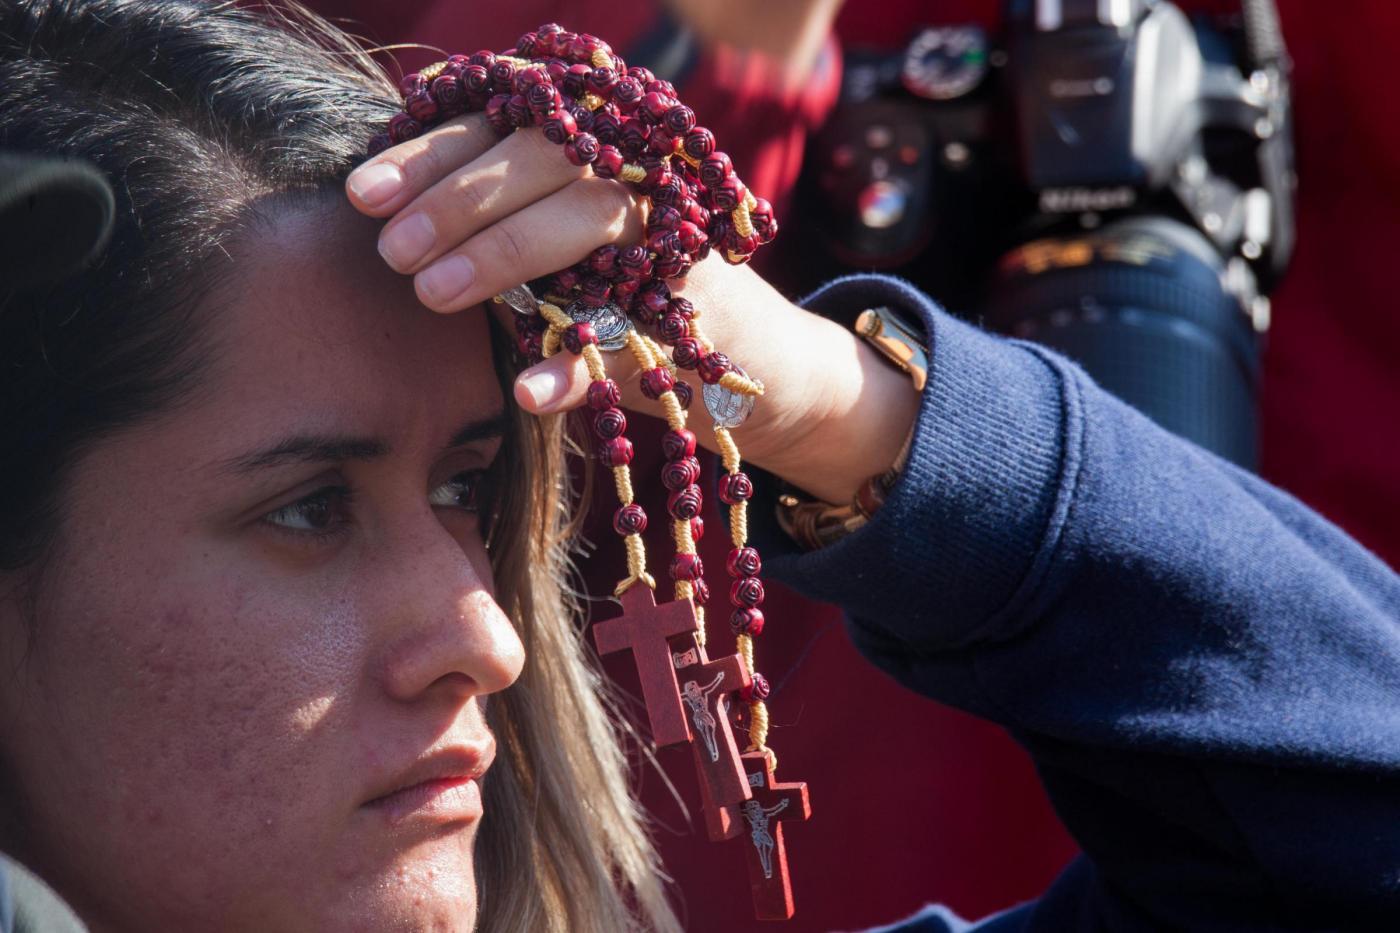 Giubileo 2015 straordinario voluto da Papa Francesco